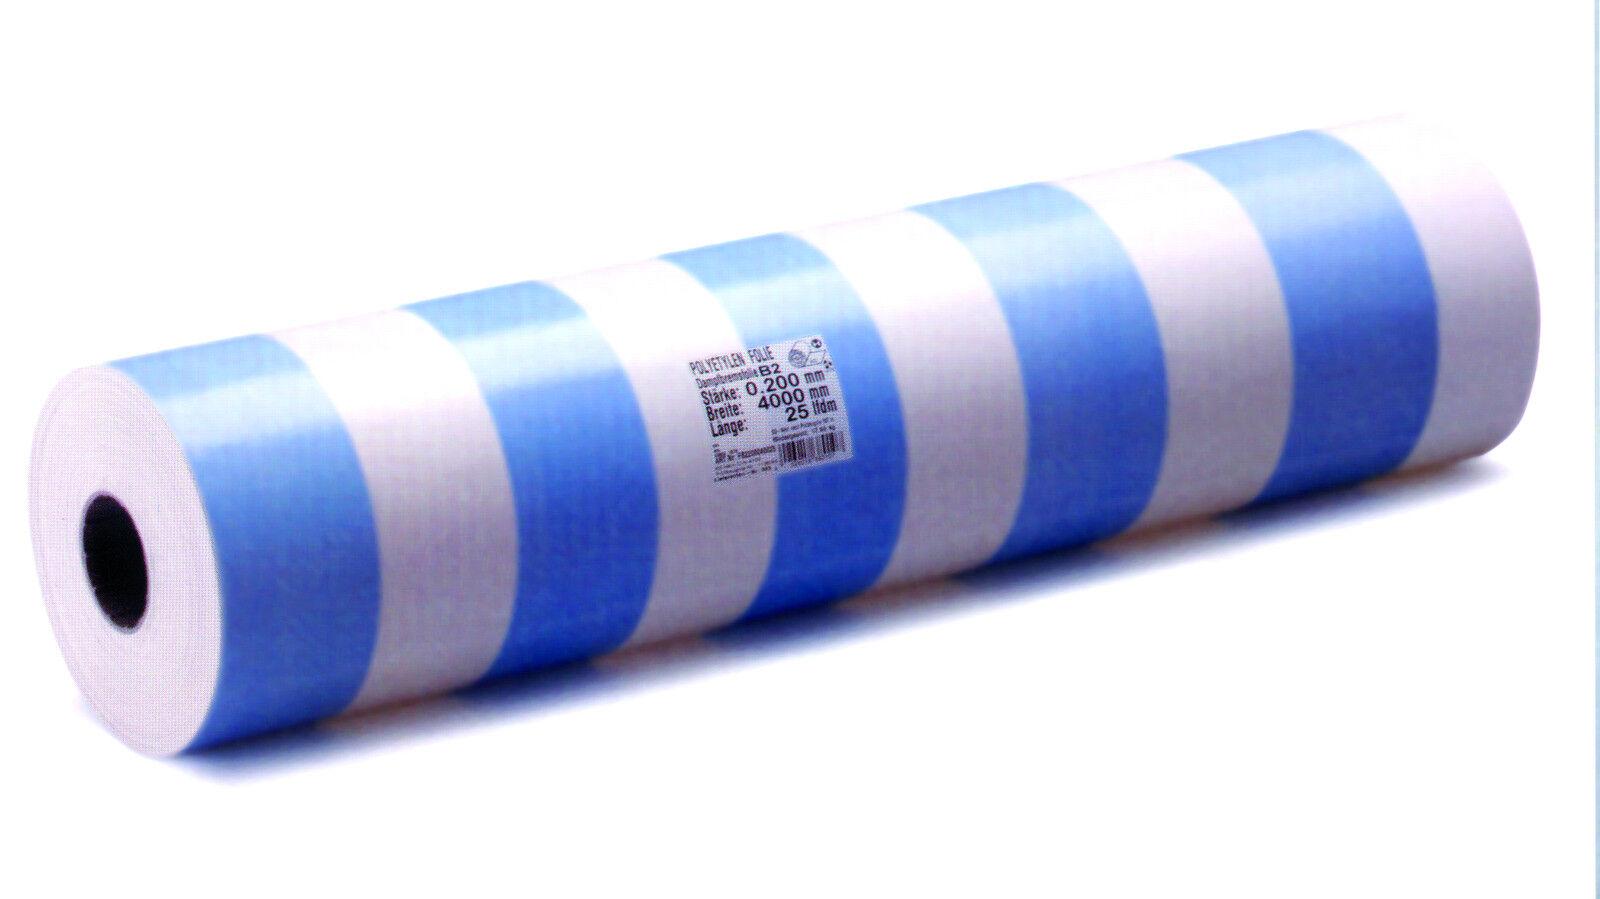 Dampfbremse Dampfsperre Blau Weiß 100 m²; 2x50 m - 200 my